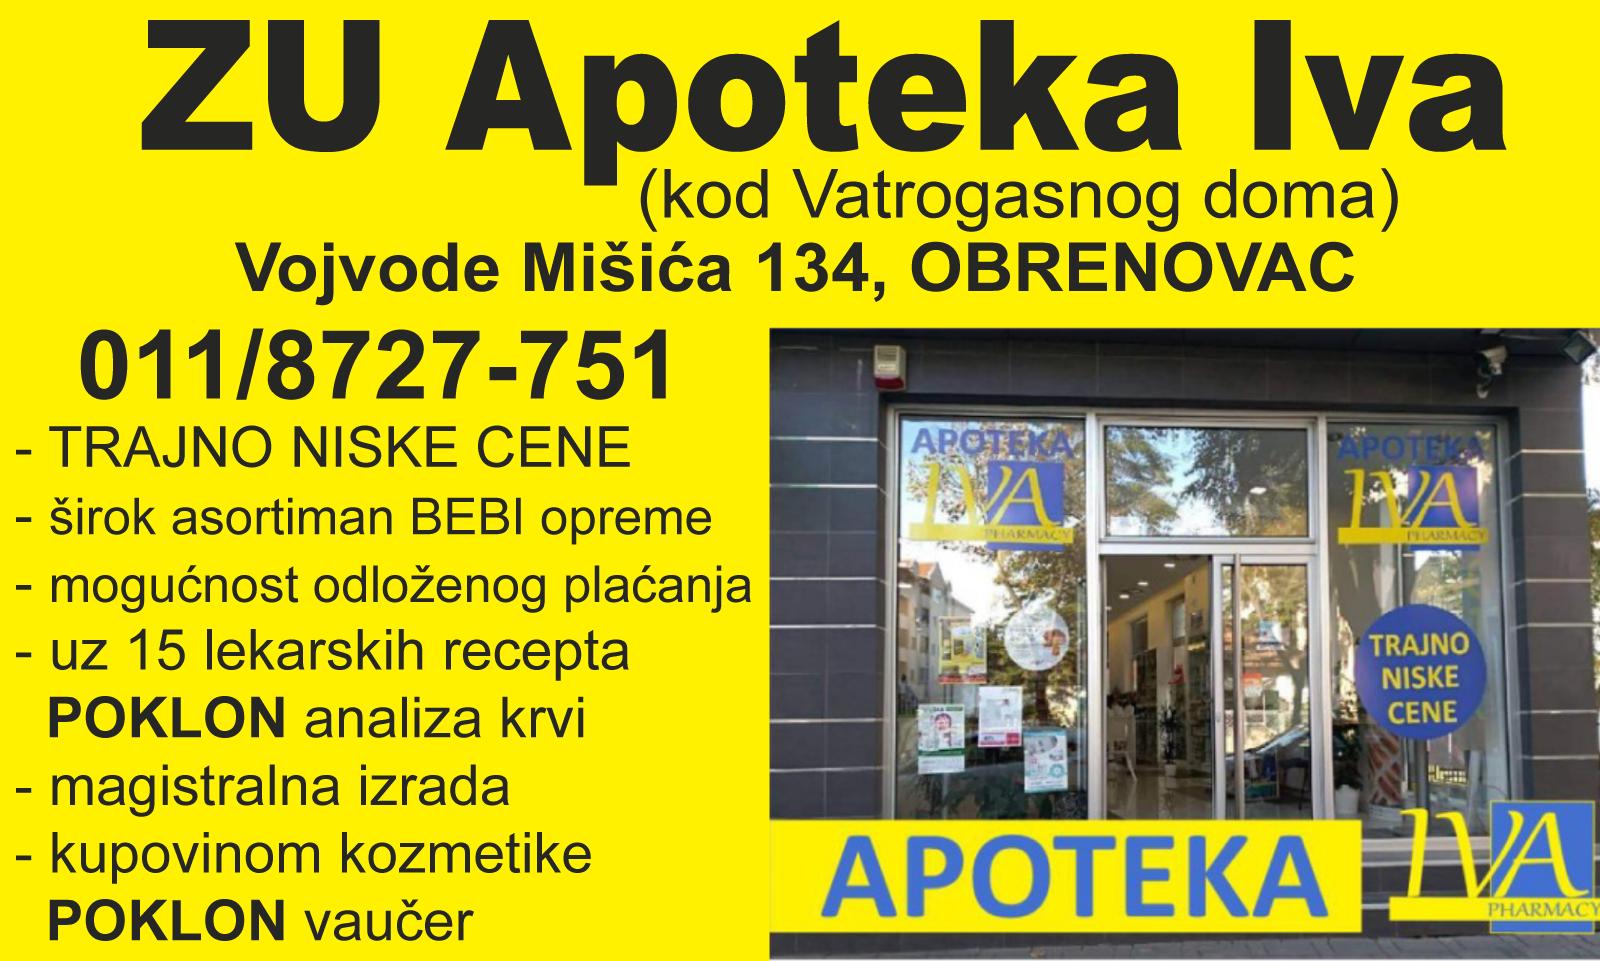 APOTEKAIVA-vojvodemisica-centar-bebioprema-pelene-kozmetika-obrenovac-lekovi-povoljno-zdravlje-poklon-vaucer-recept-lekarski-popust-mojabaza